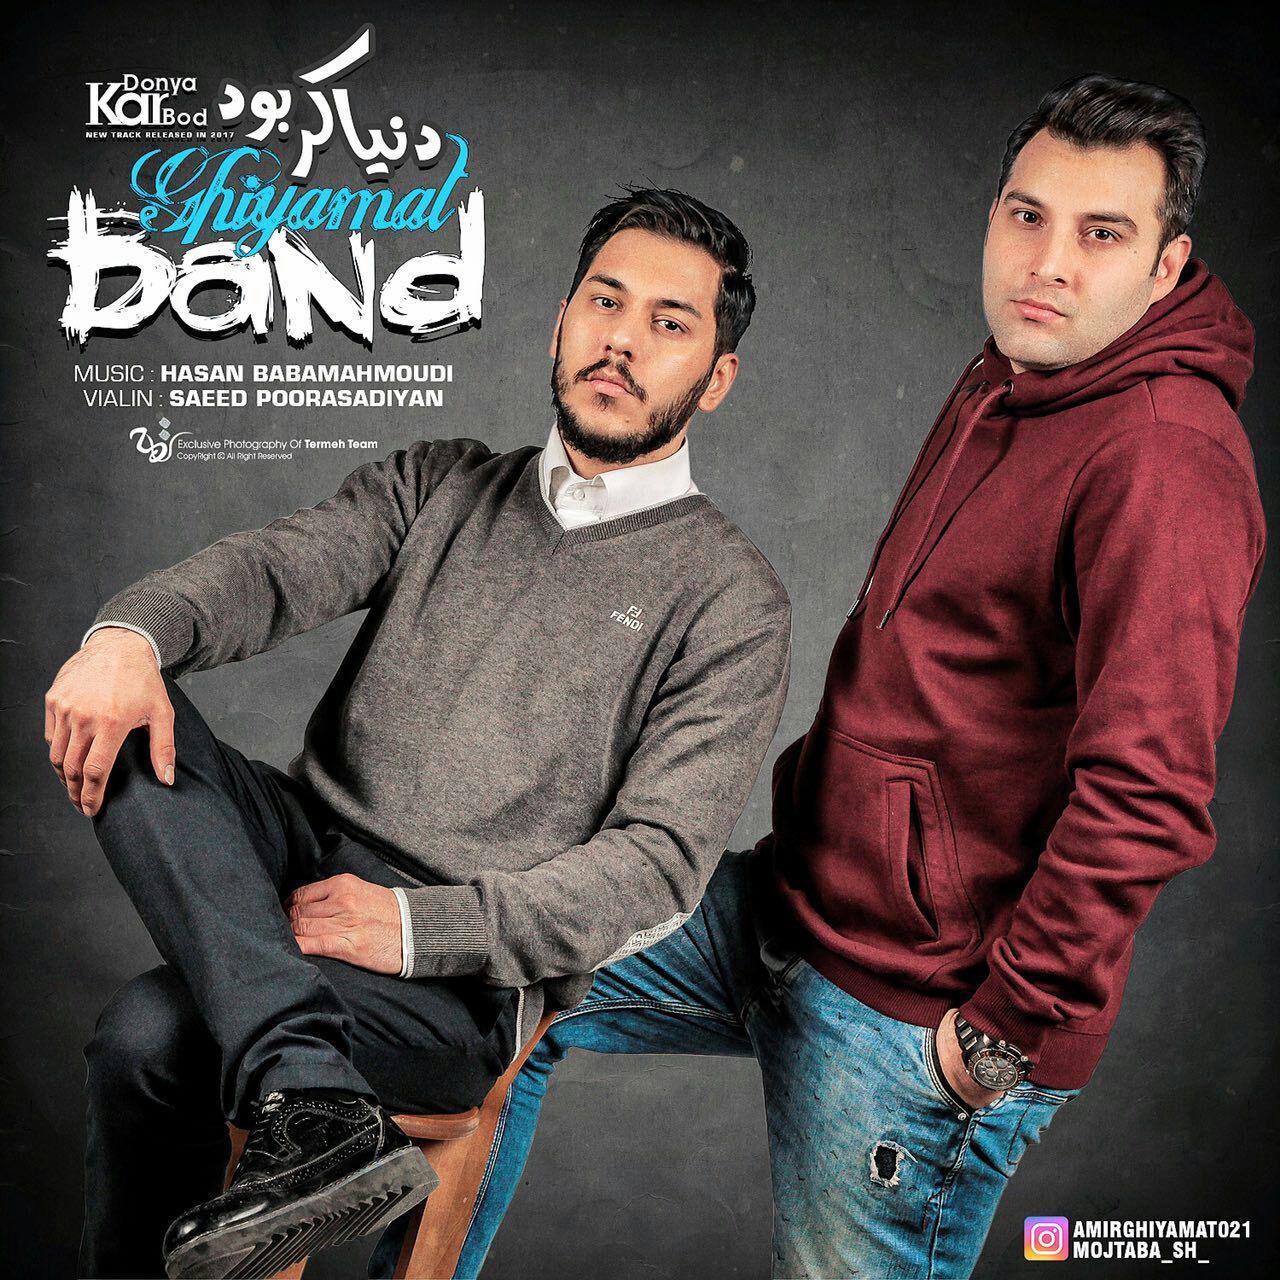 Ghiyamat Band - Donya Kar Bod